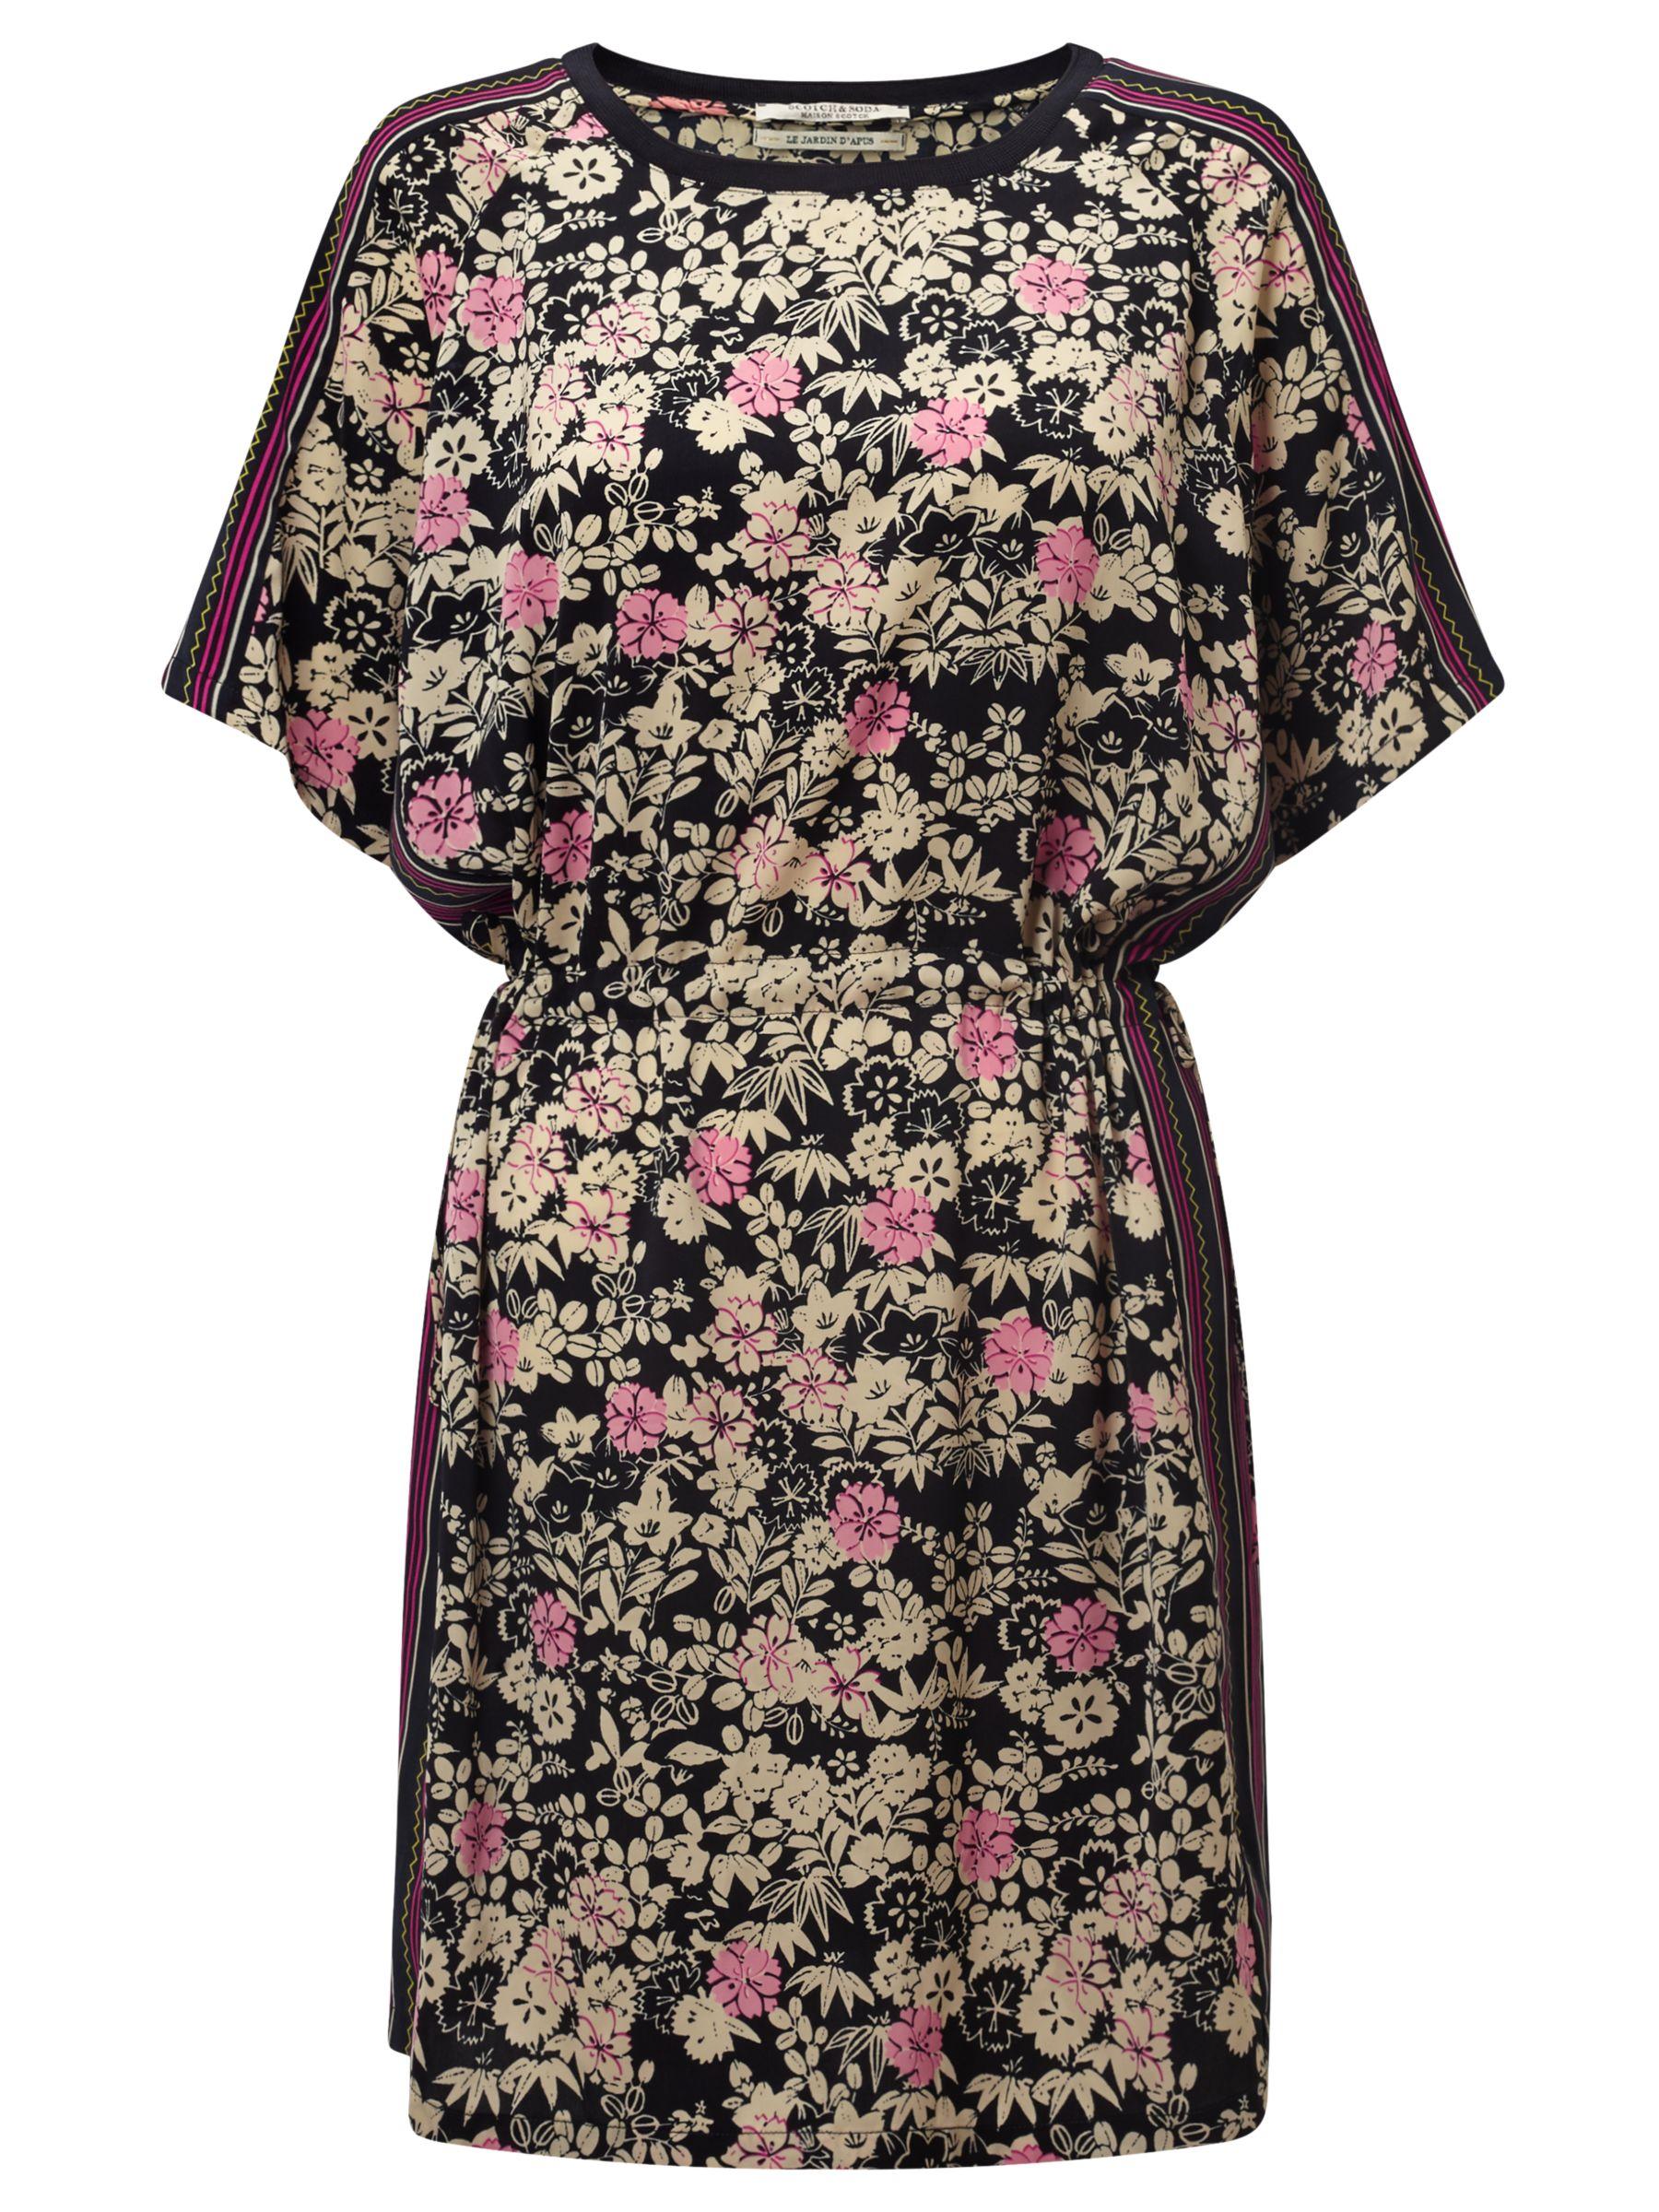 Maison Scotch Maison Scotch Floral Print Dress, Navy/Multi